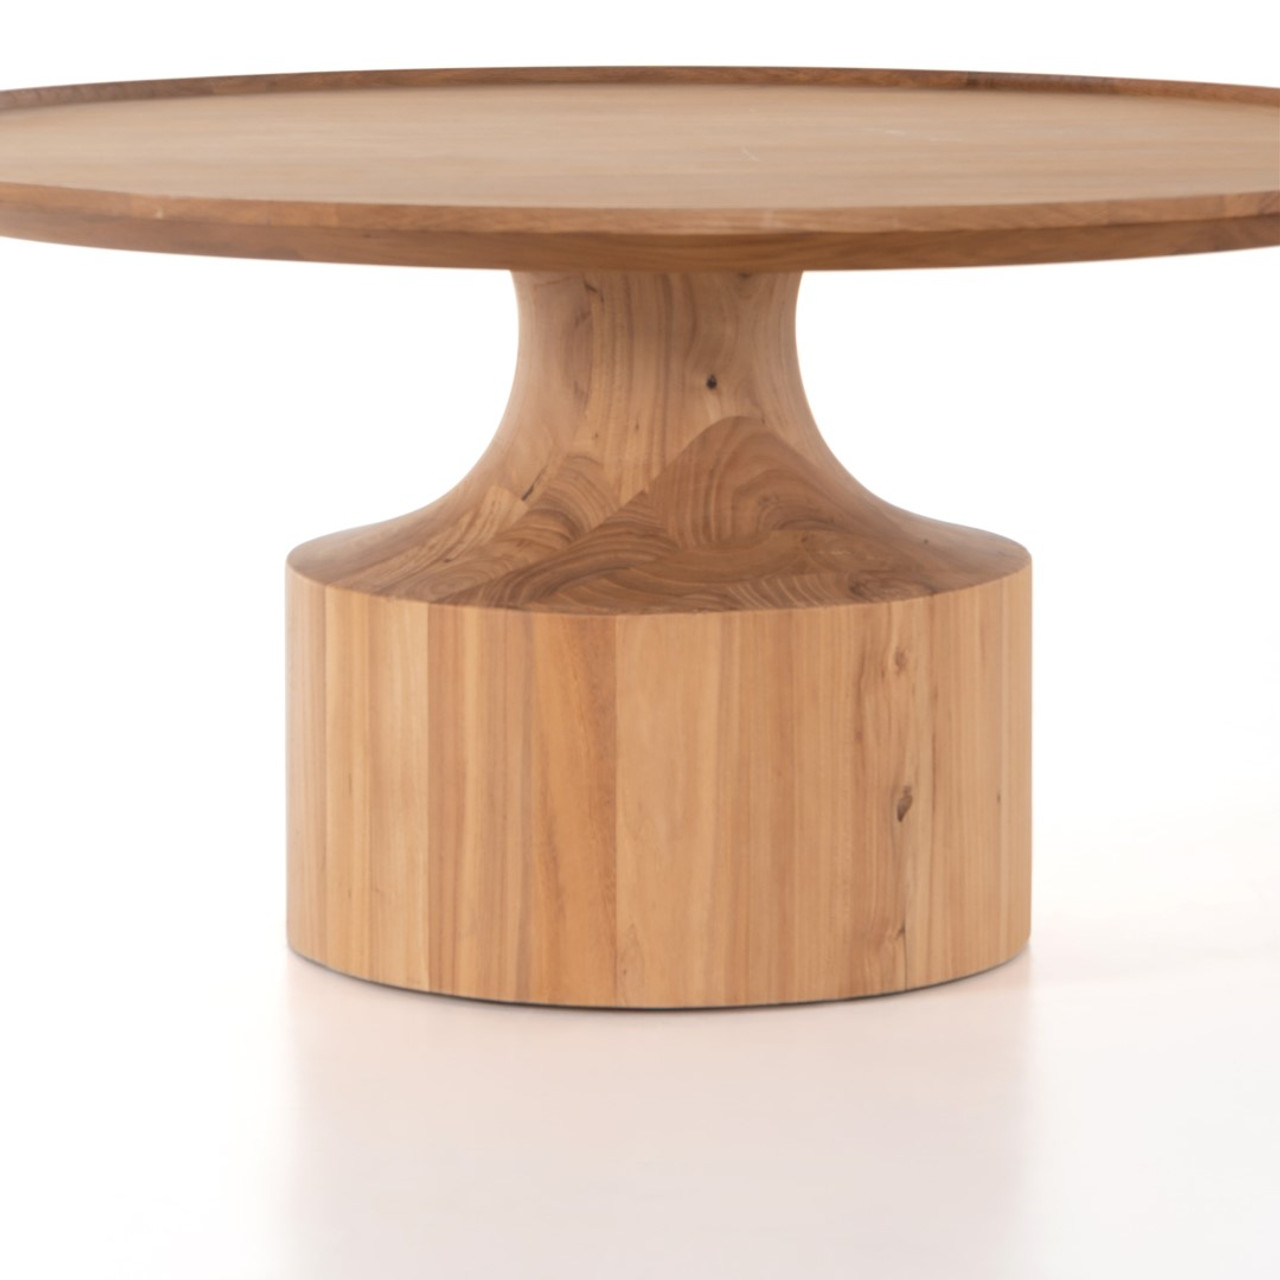 Saint Kitts Coffee Table - Golden Wheat Oak